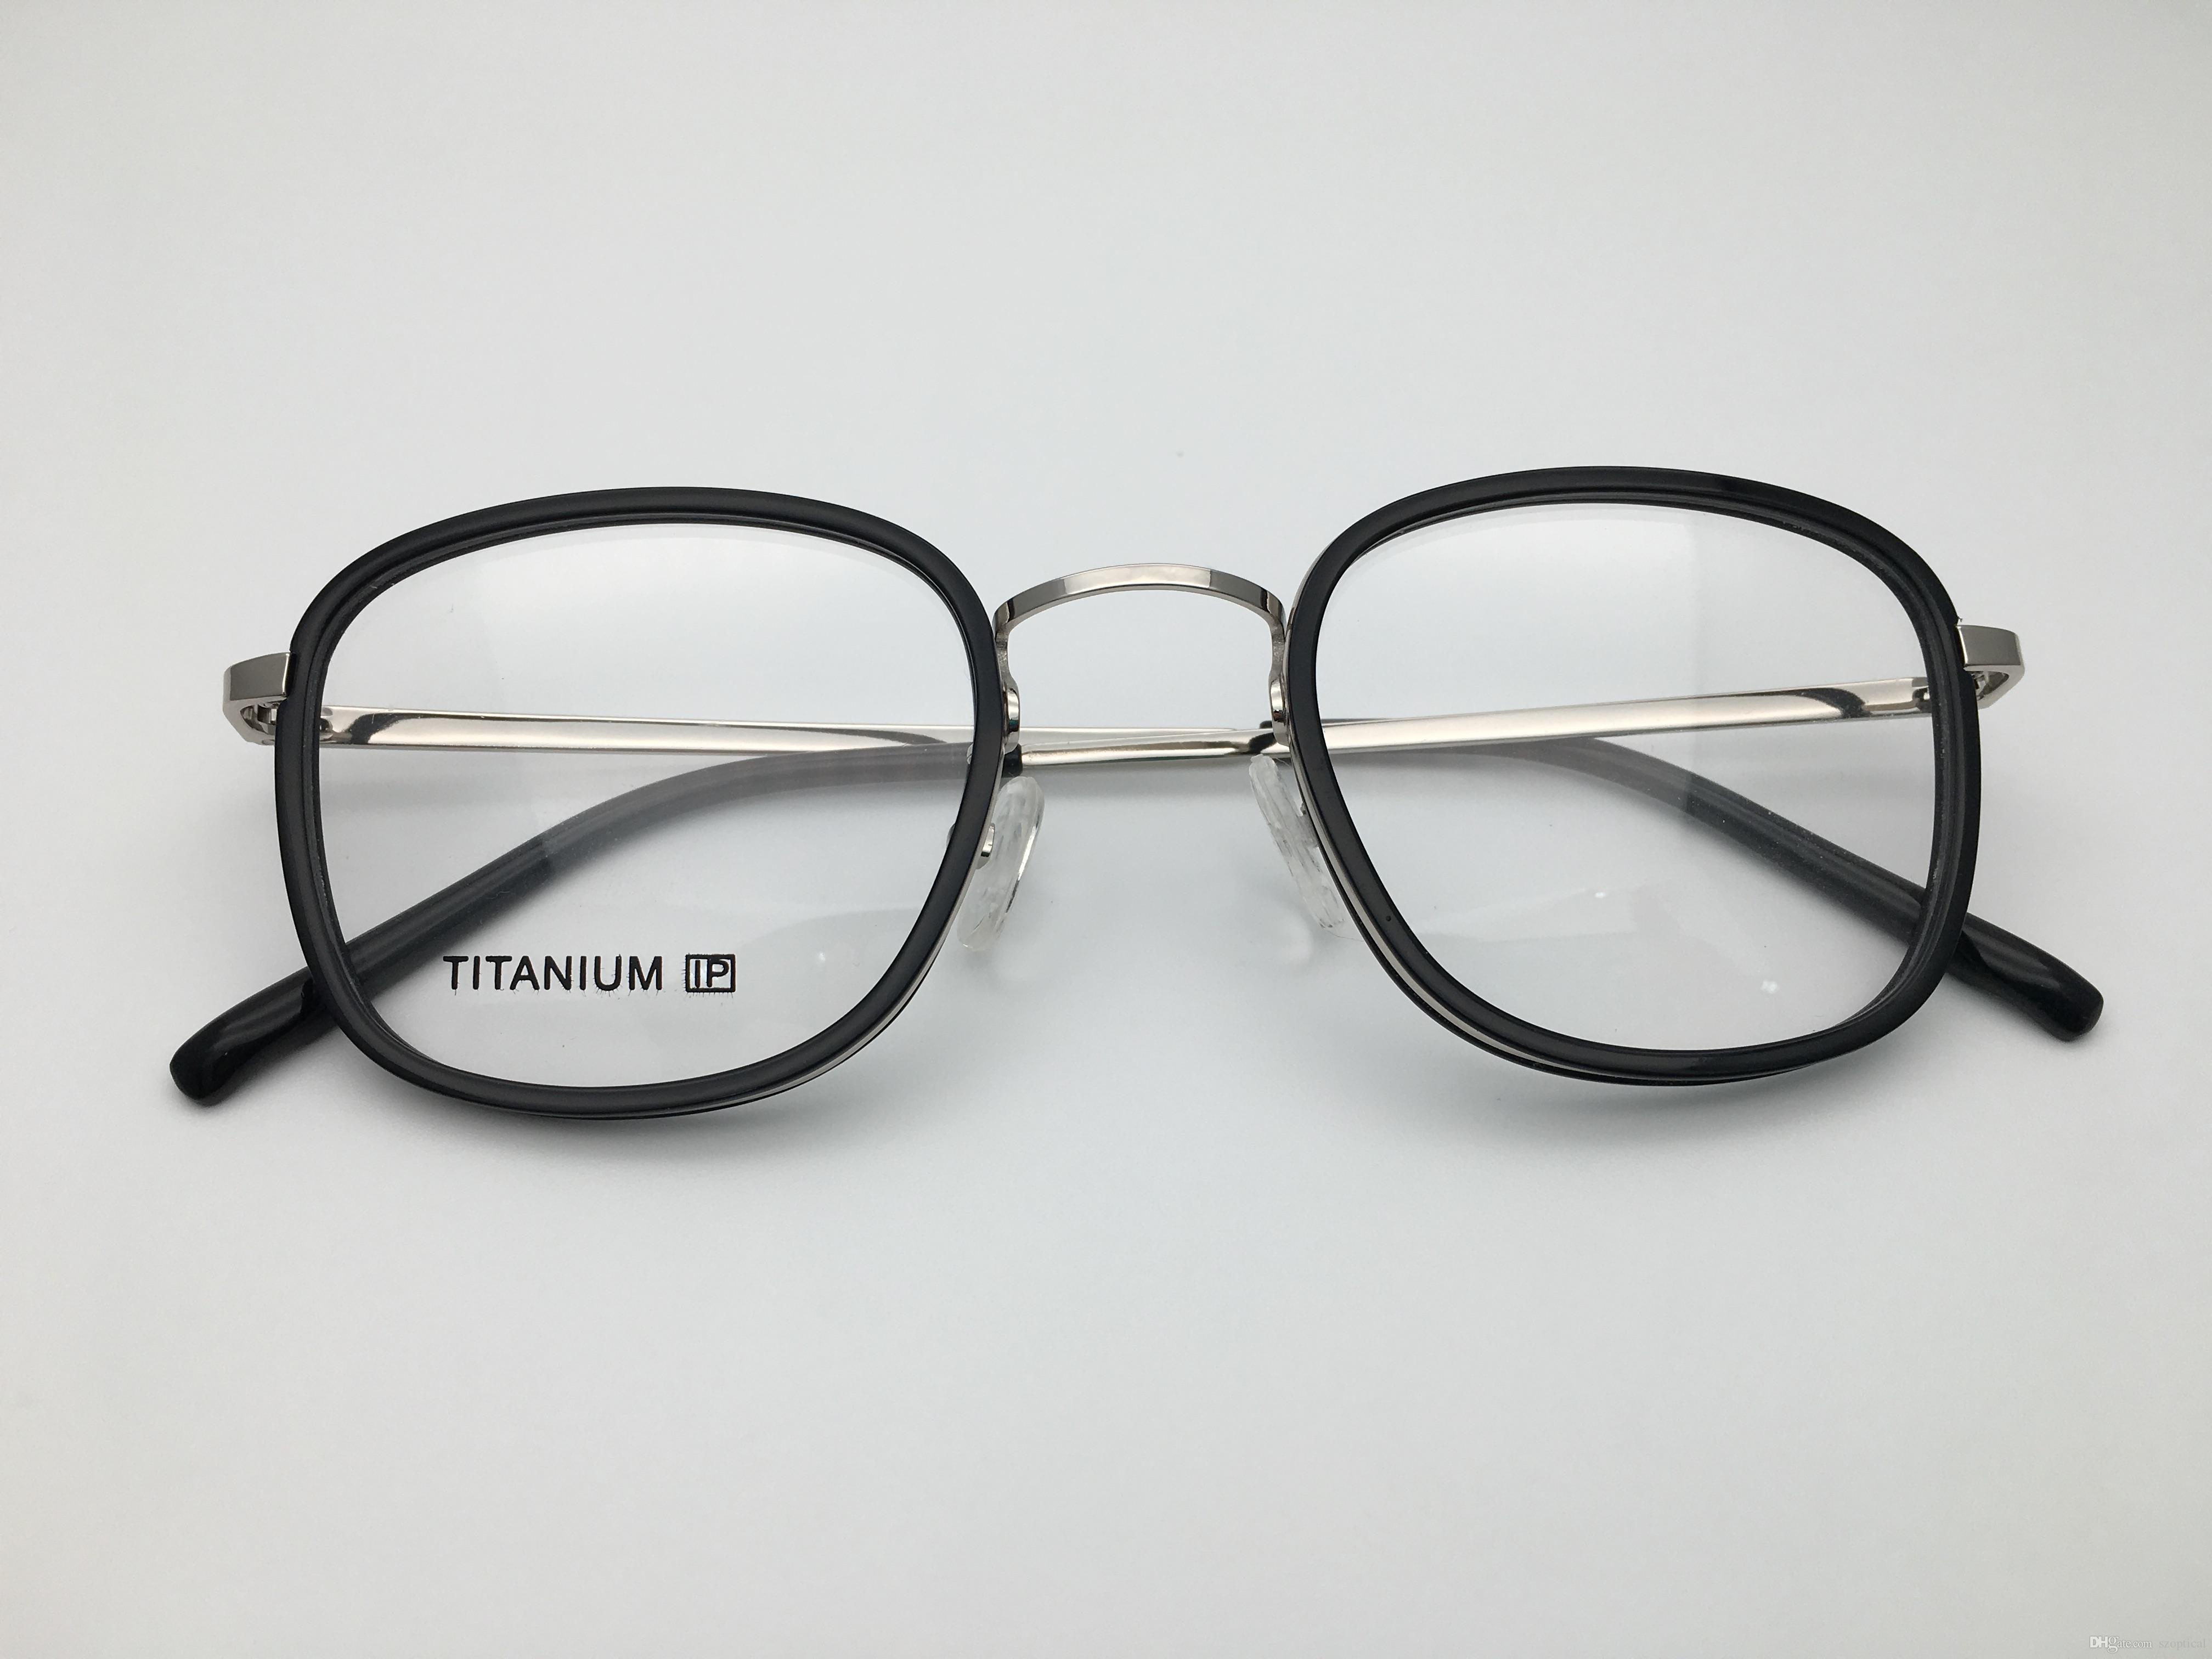 Femmes Marque Gu1967 Rétro Corrects Lunettes Titane Vintage Design De Forme Carrée Optique Verres Qualité Monture Top bfYy6vg7